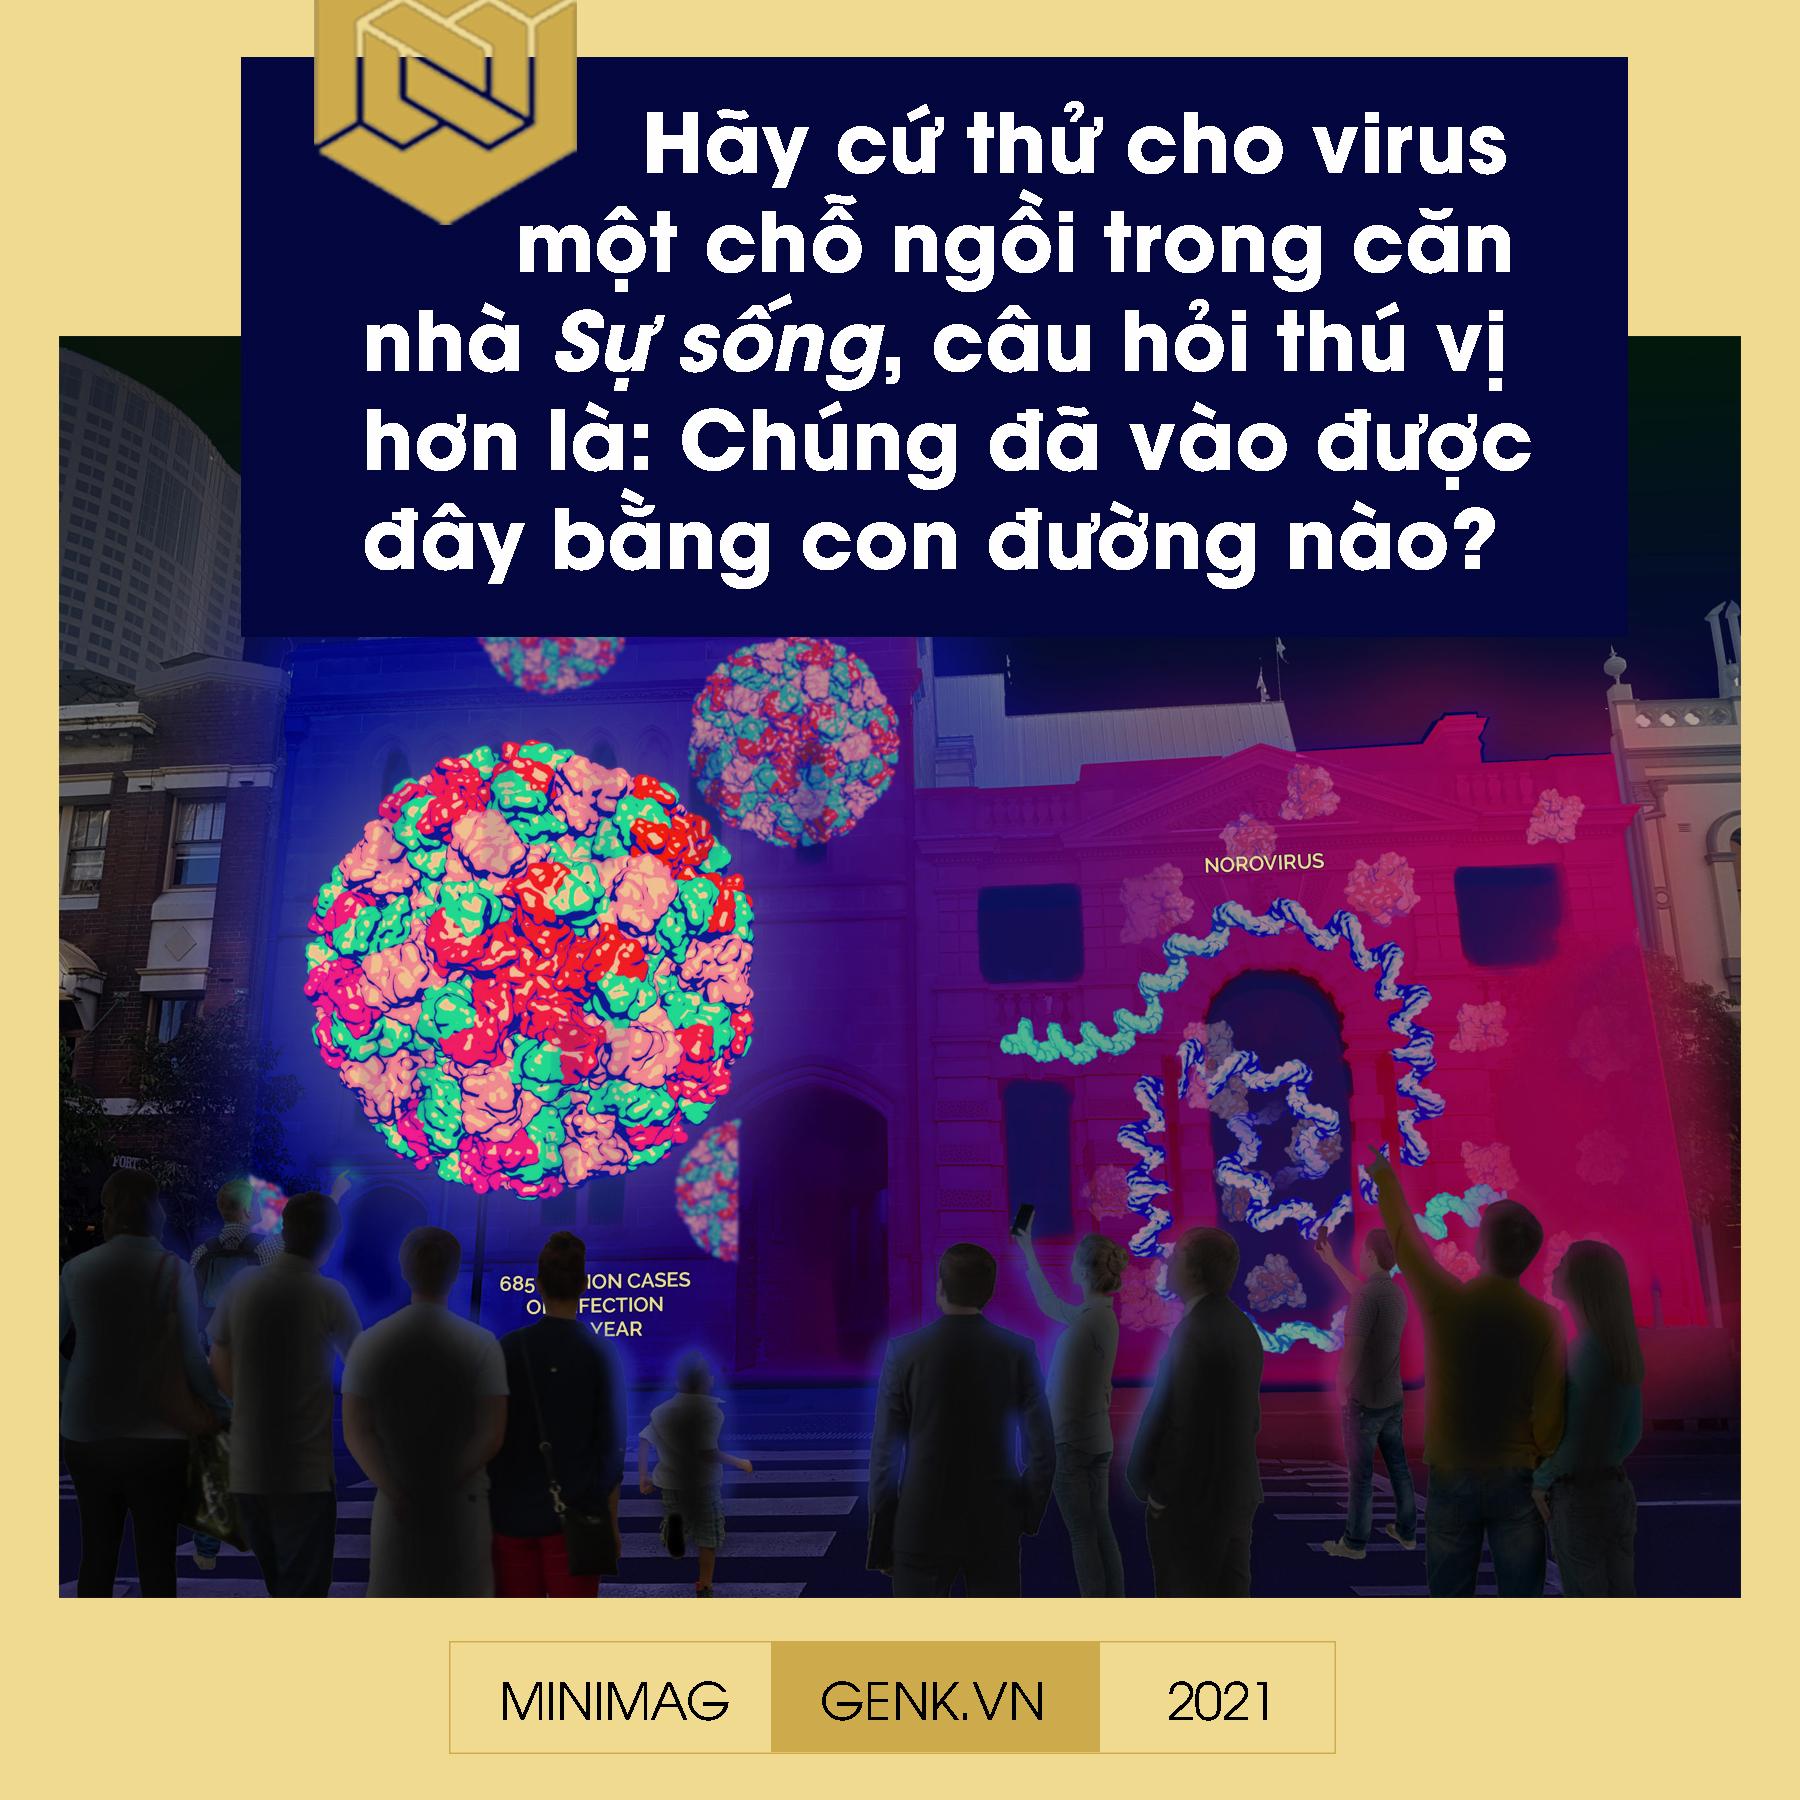 Một biên niên sử về virus: Từ những thiên thần của tiến hóa tới cơn ác mộng COVID-19 - Ảnh 6.